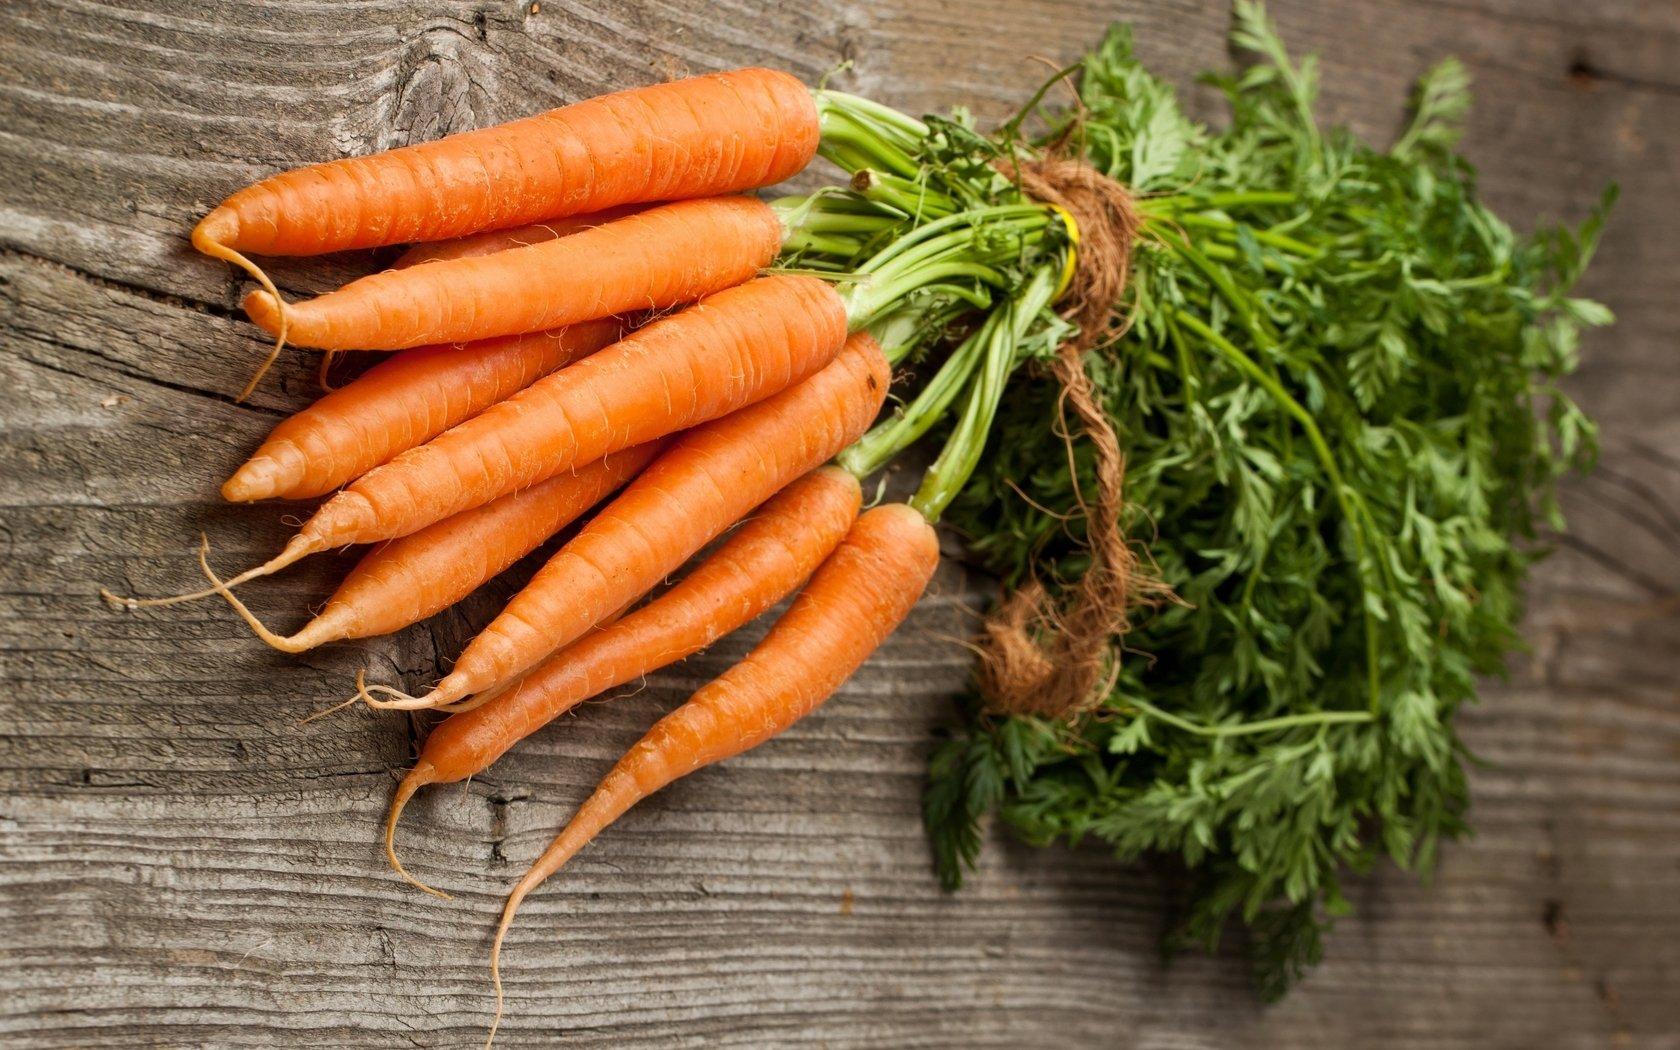 carrot computer hd wallpaper 62716